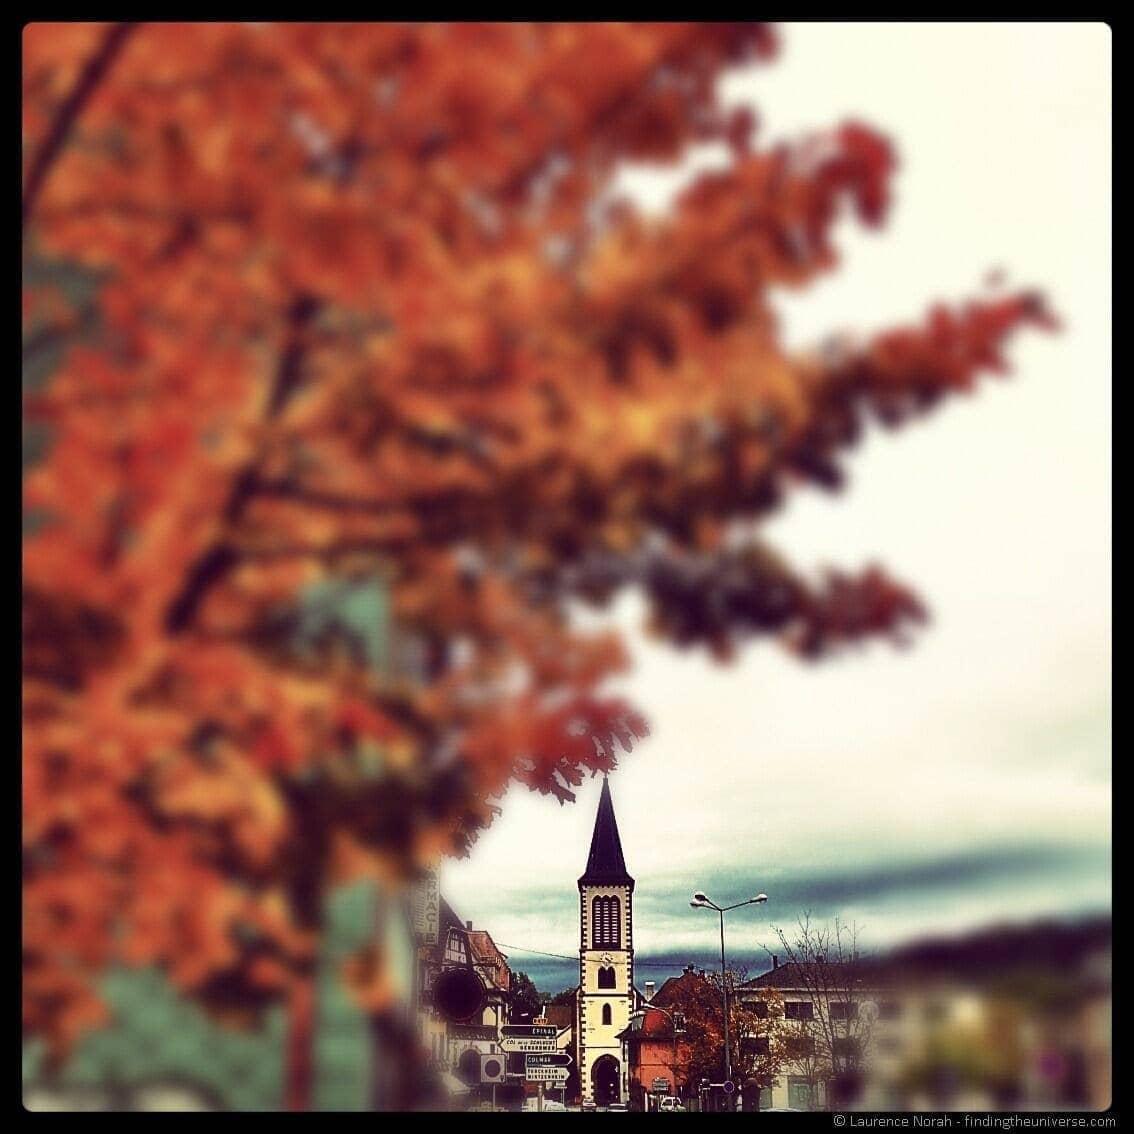 Autumn in Munster